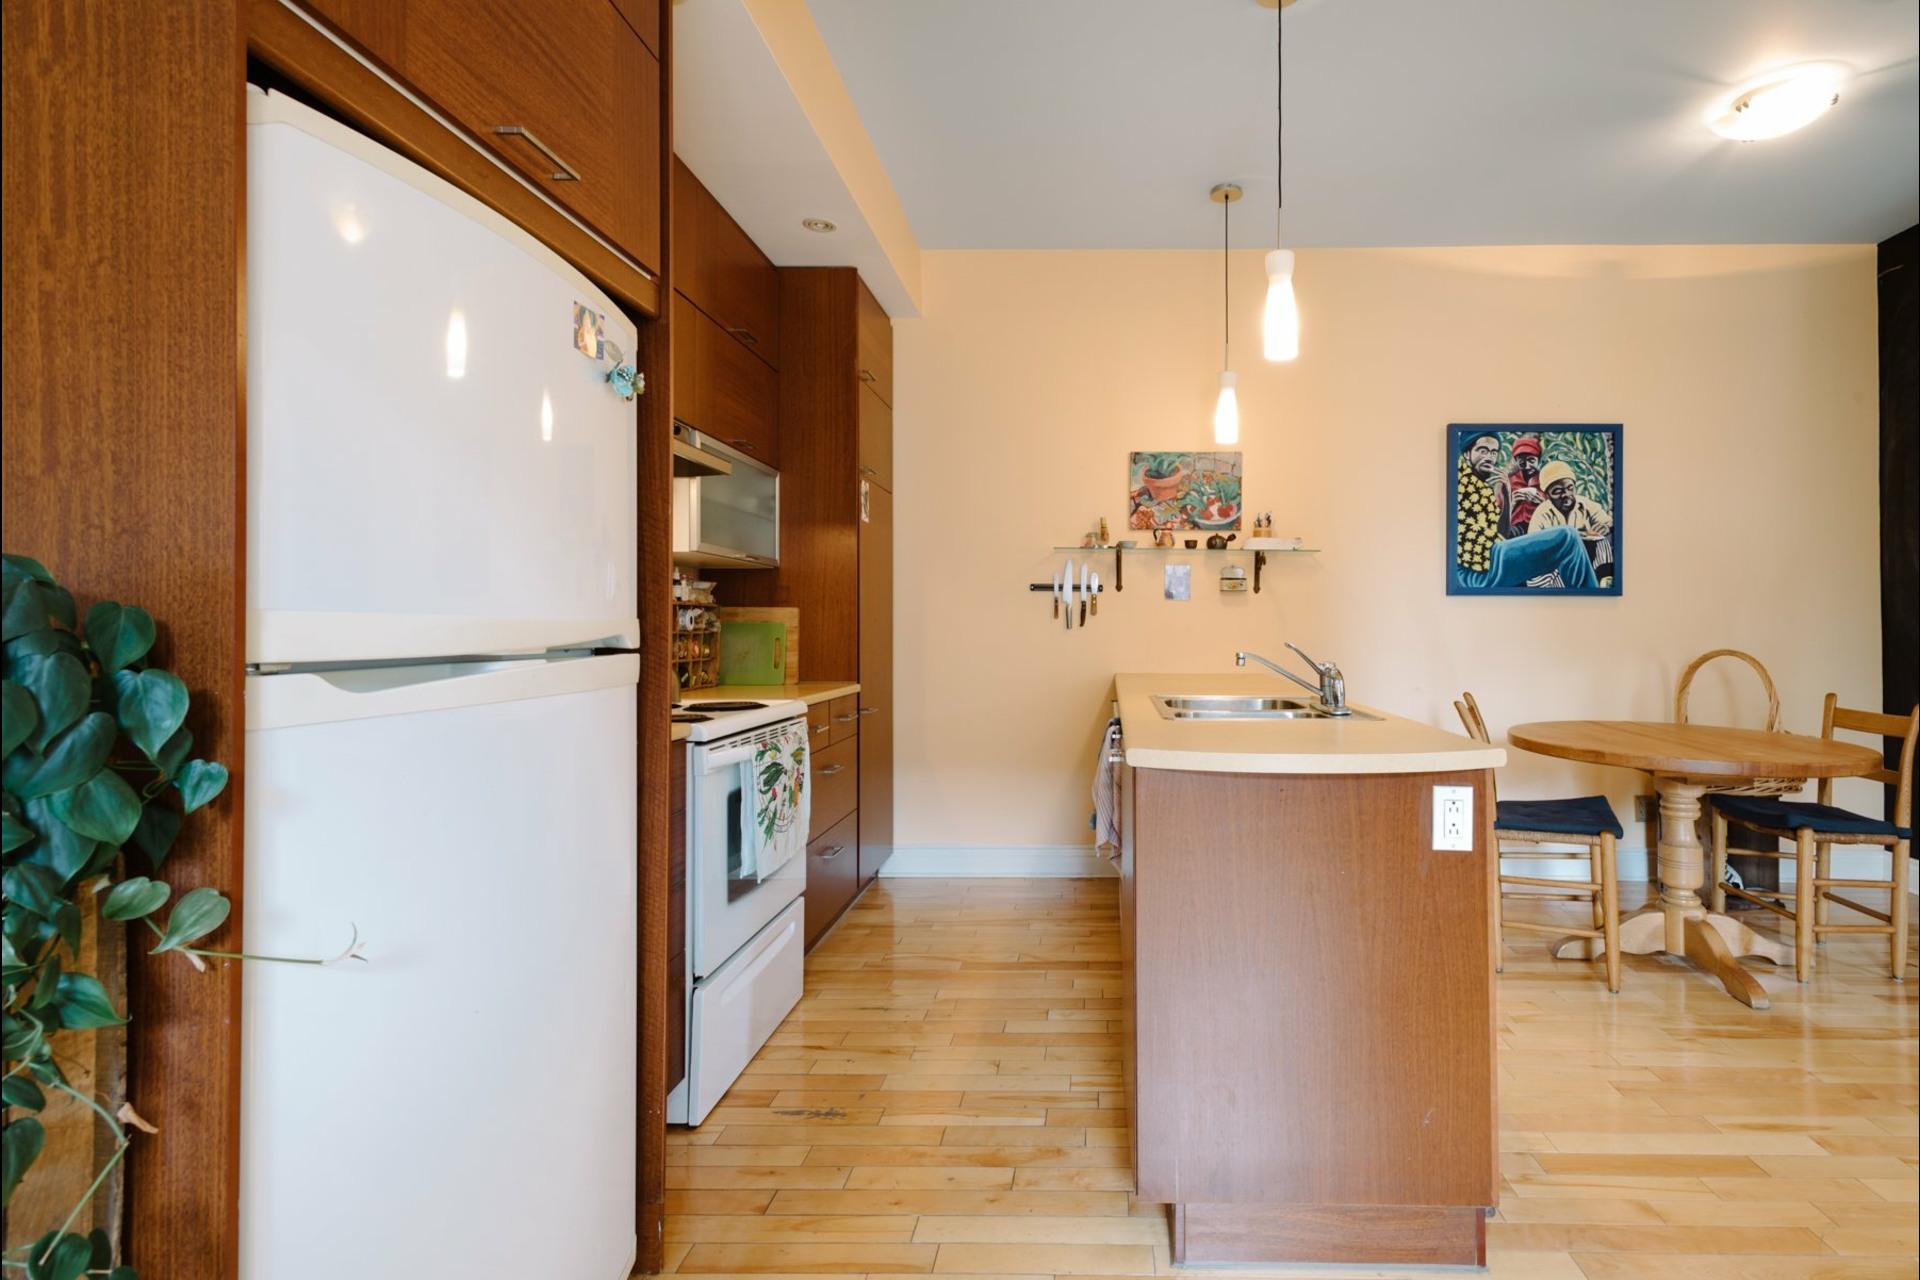 image 10 - Appartement À vendre Montréal Le Plateau-Mont-Royal  - 5 pièces